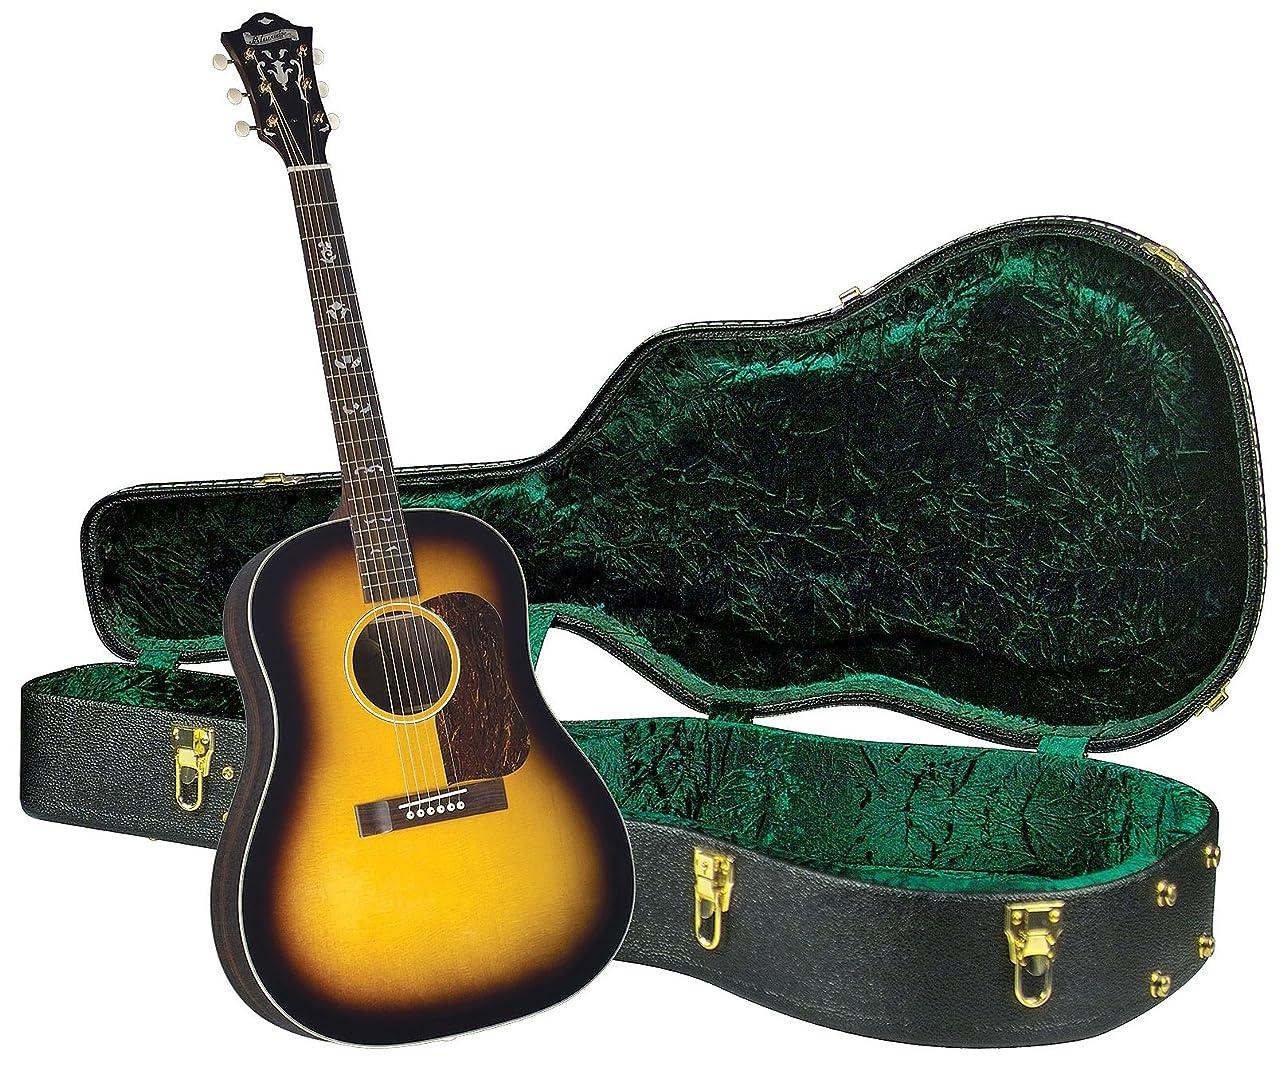 貢献ダブル補助金Blueridge BG-160 現代シリーズ スロープ ショルダー ドレッドノート アコースティックギター ビンテージ サンバースト。 BG-160BUN1